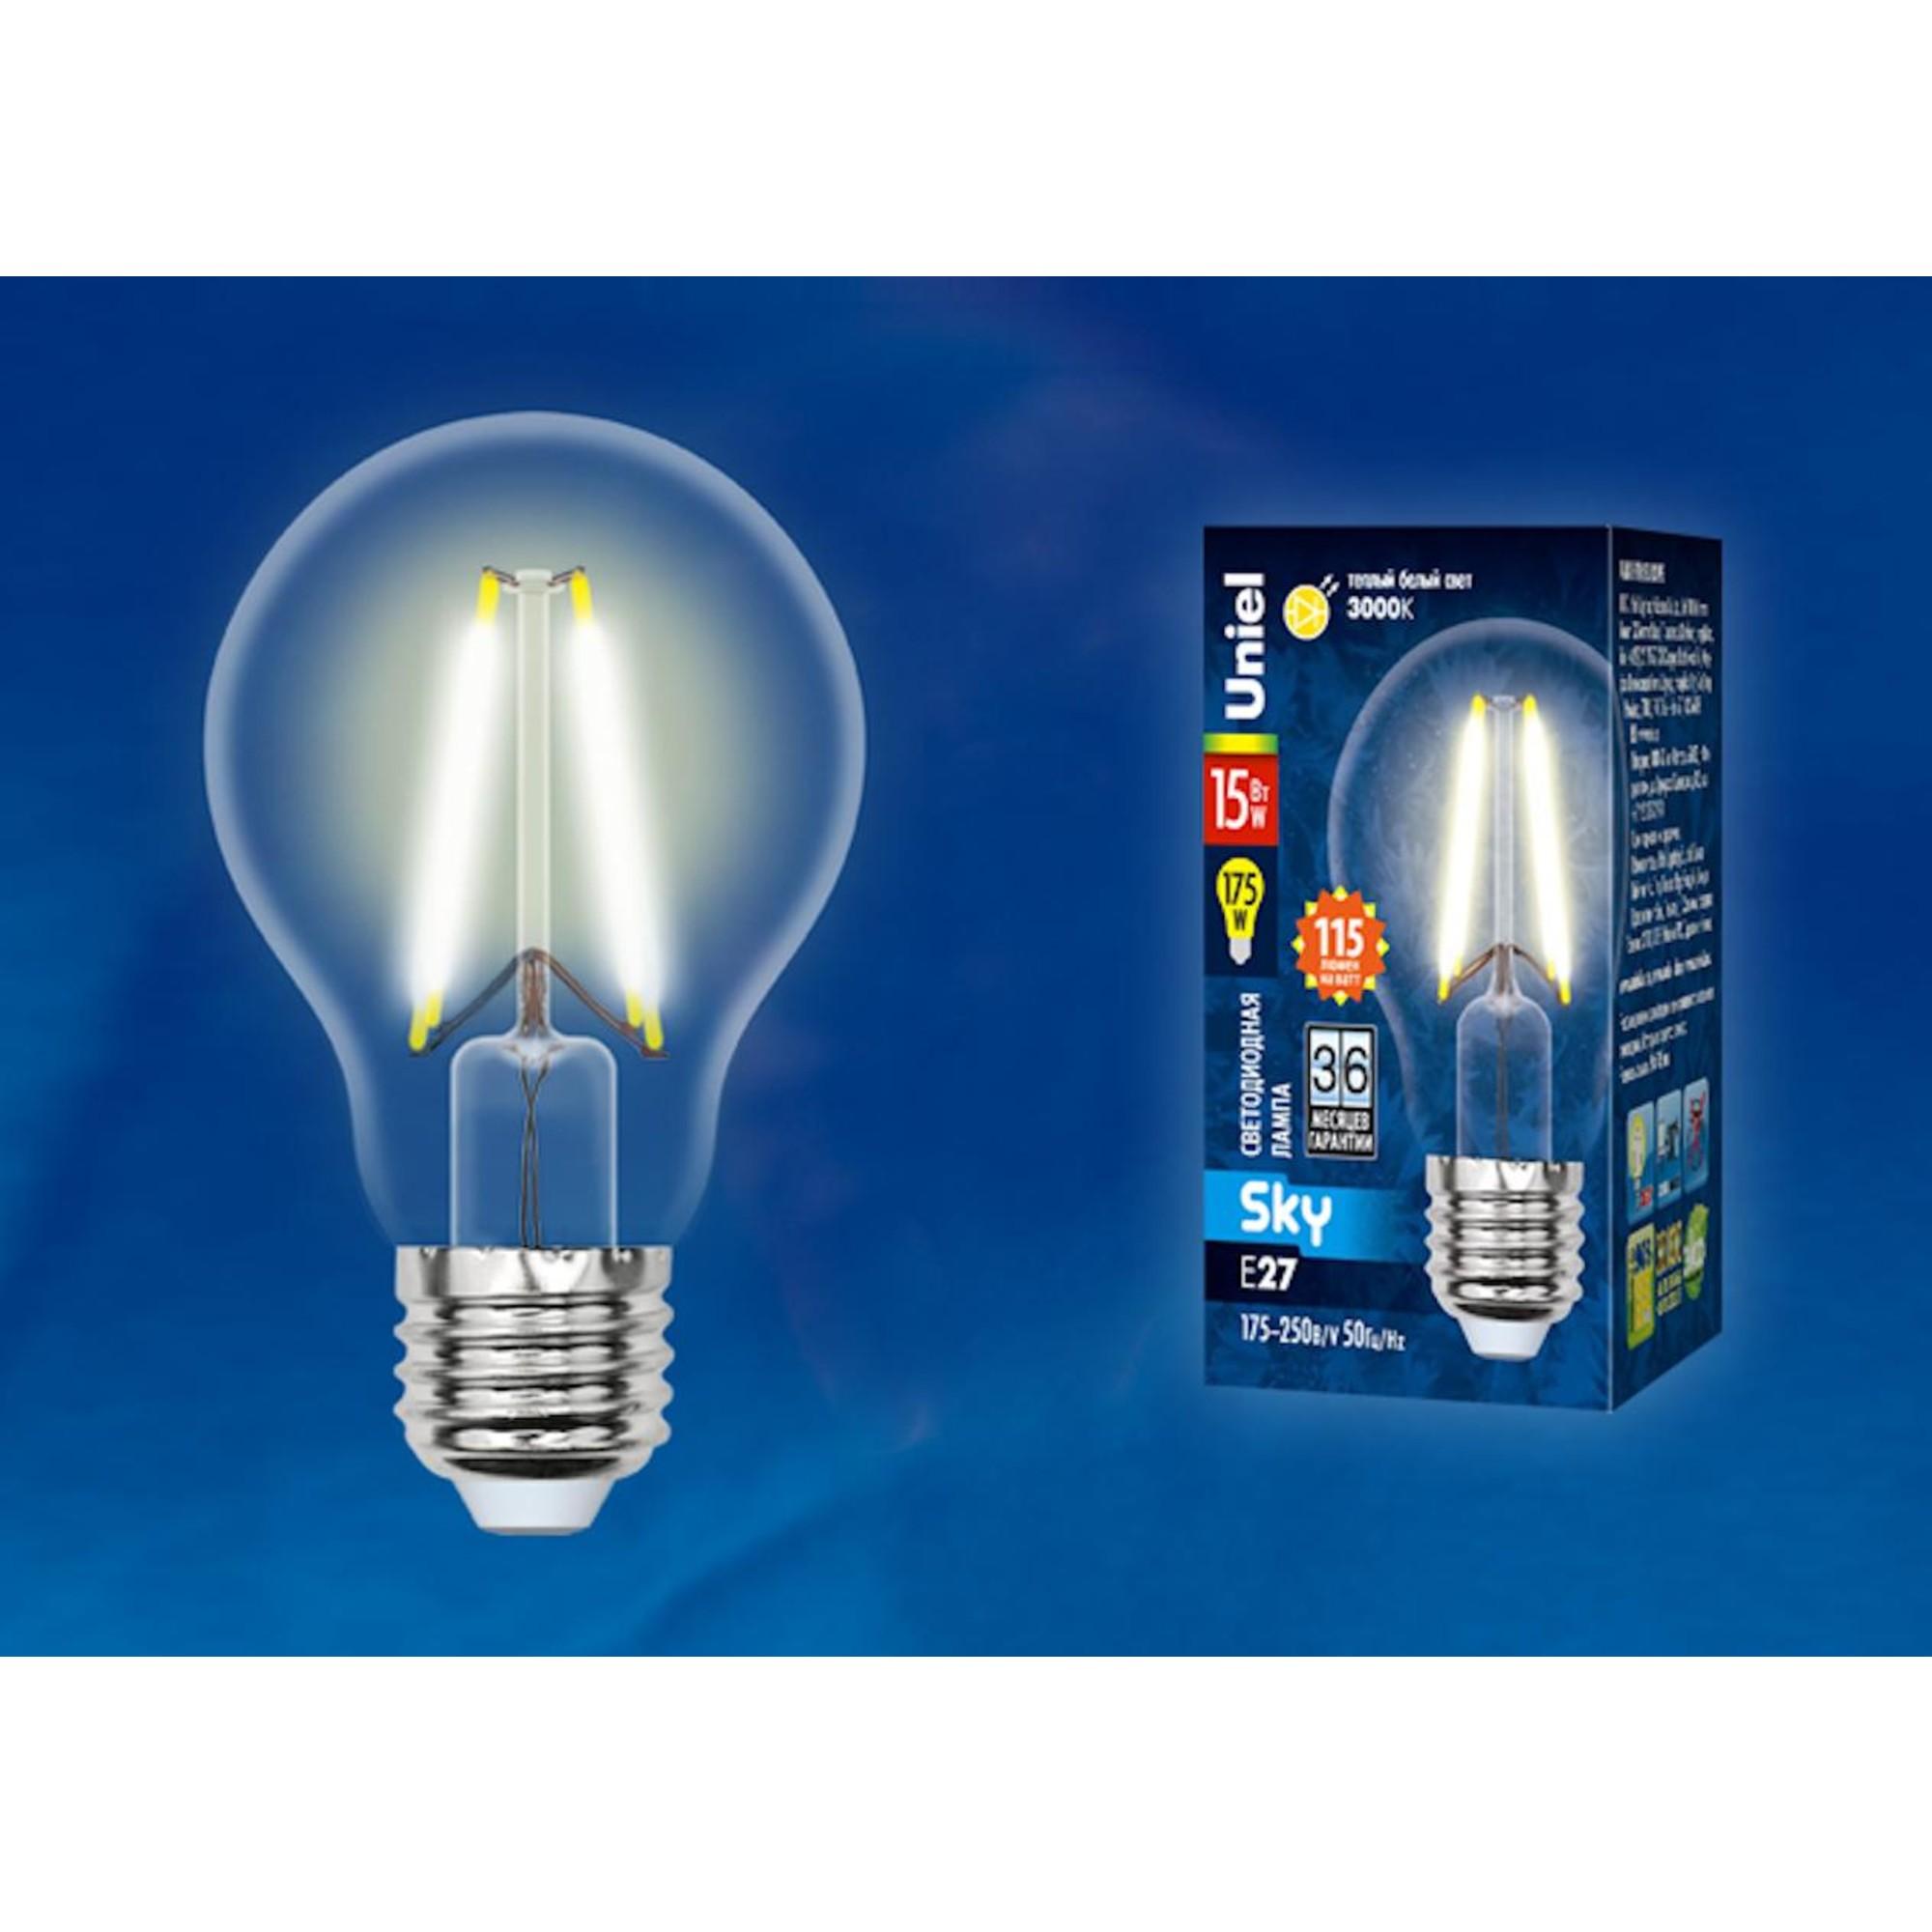 Светодиодная лампочка Uniel UL-00005849 E27 1750 Лм 15 Вт